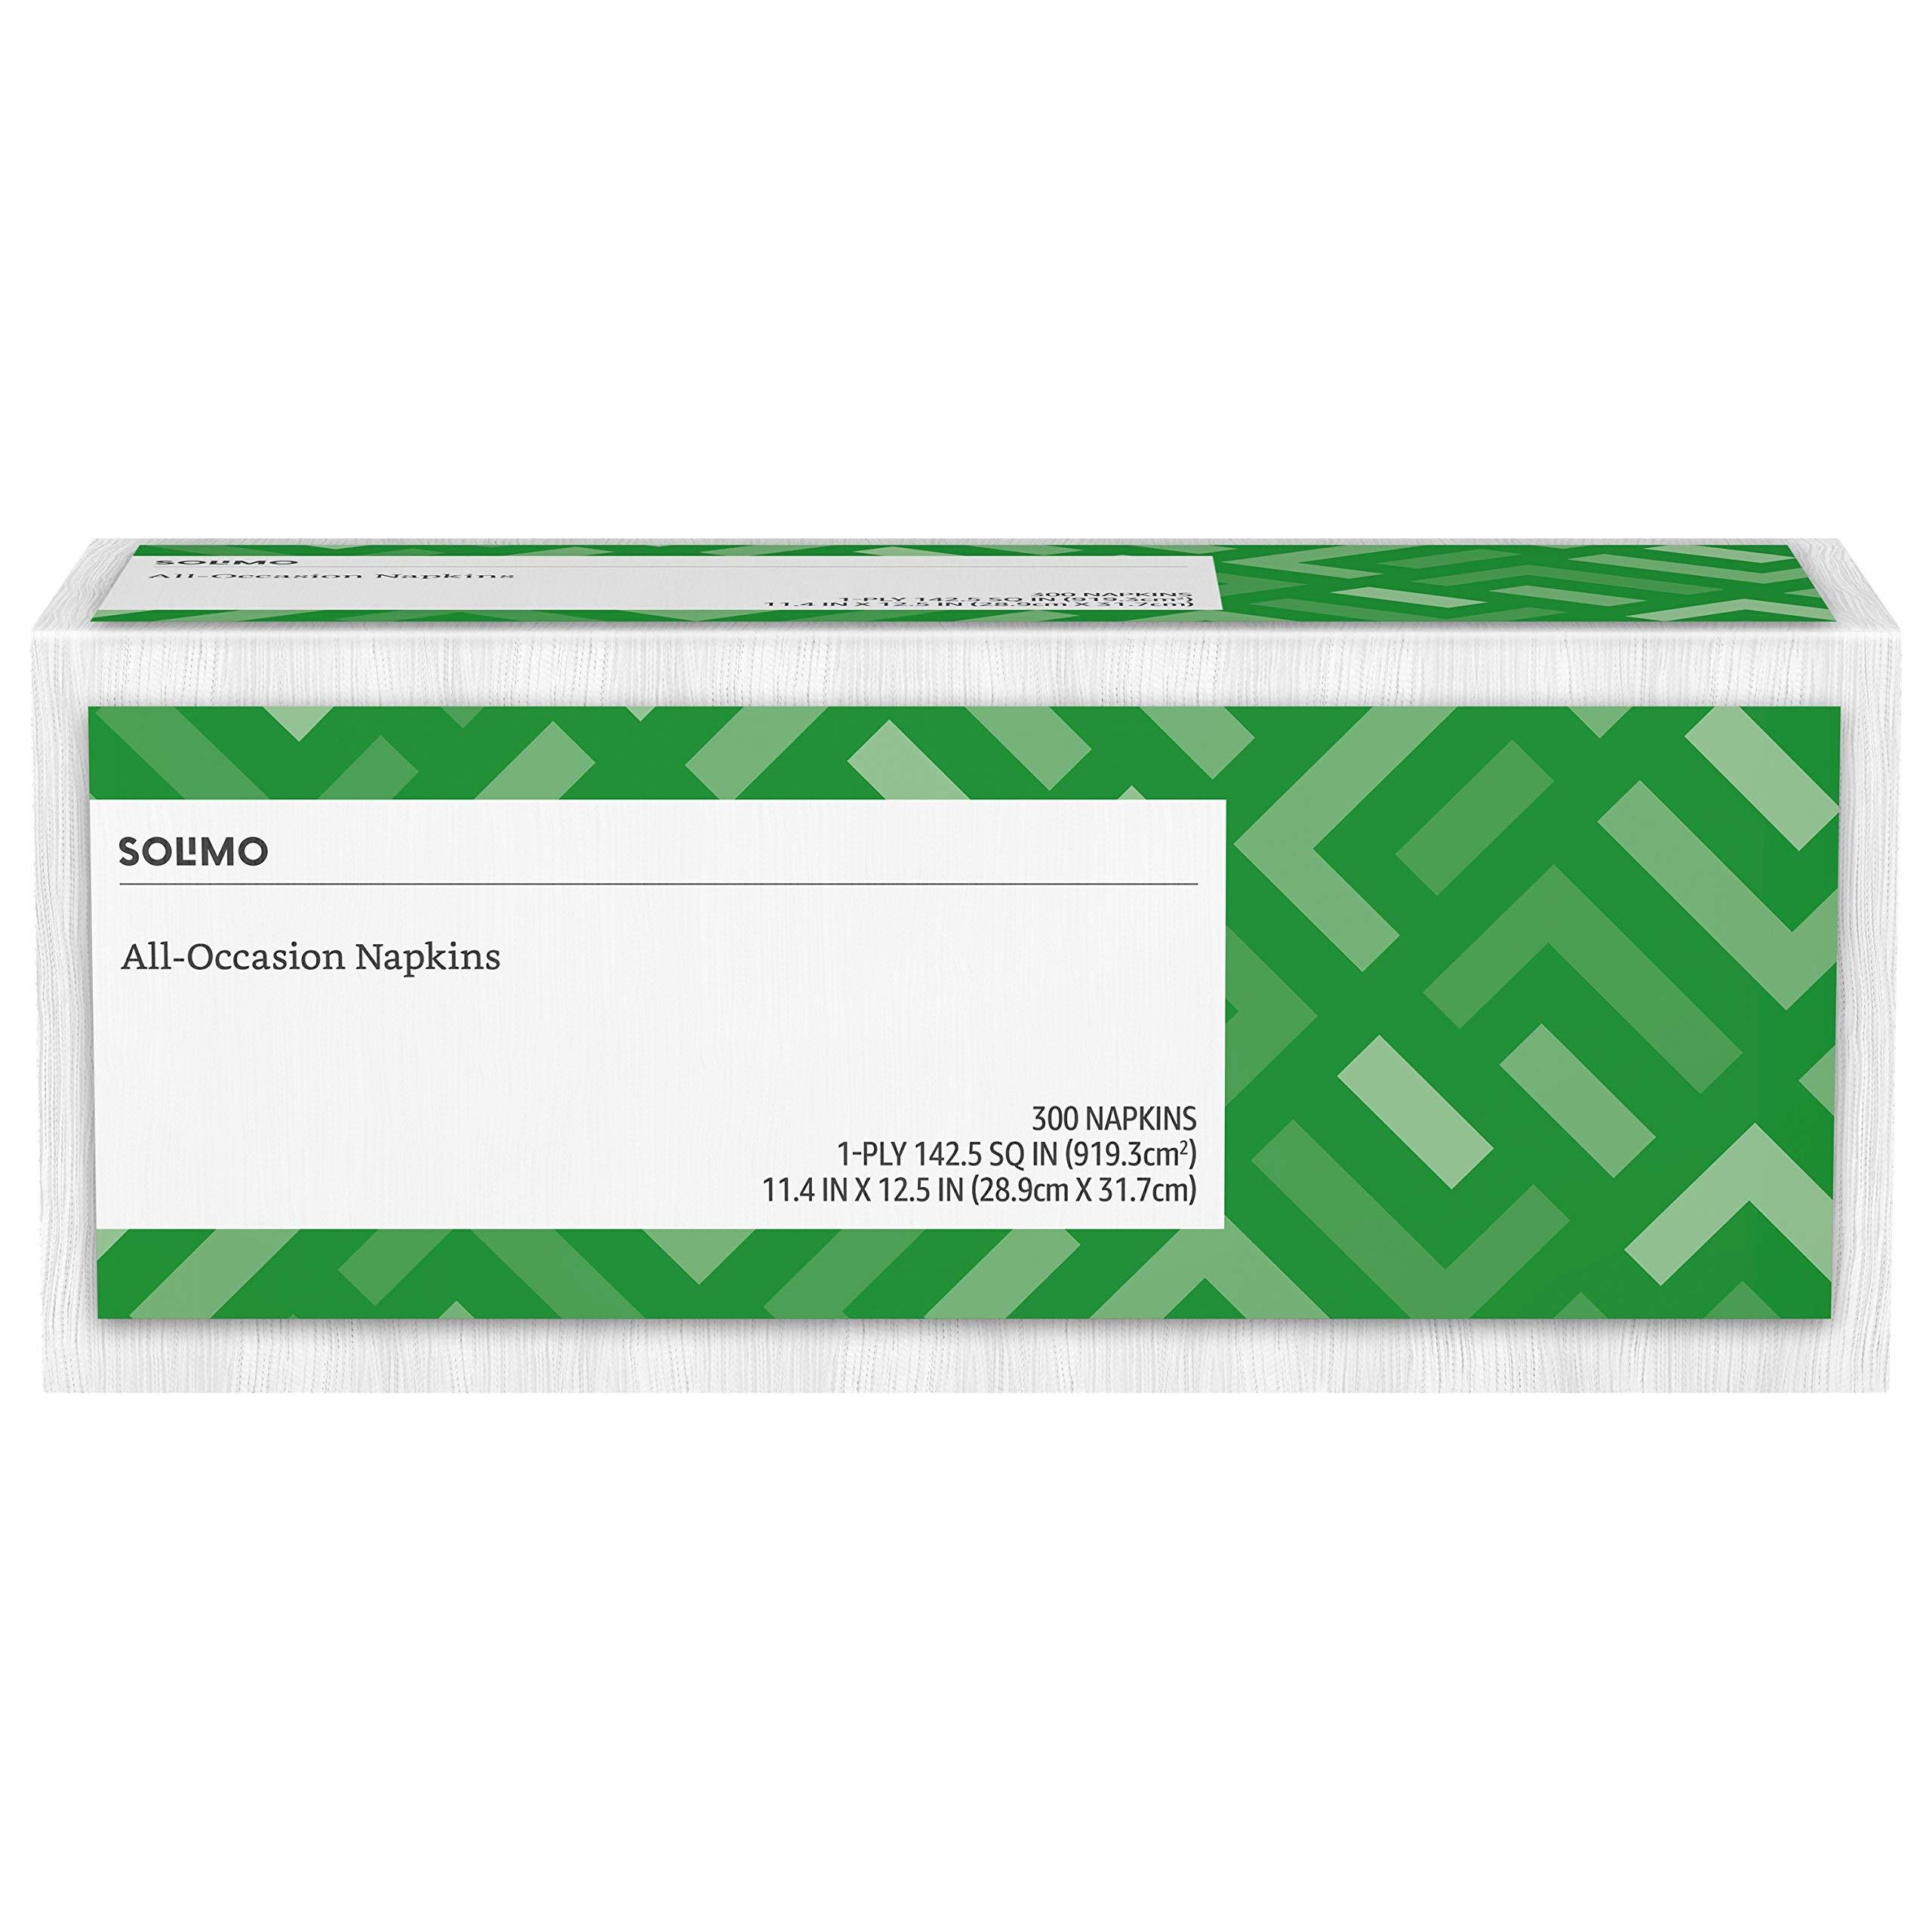 Amazon Brand - Solimo 1-ply Everyday Paper Napkins, White, 300 Napkins